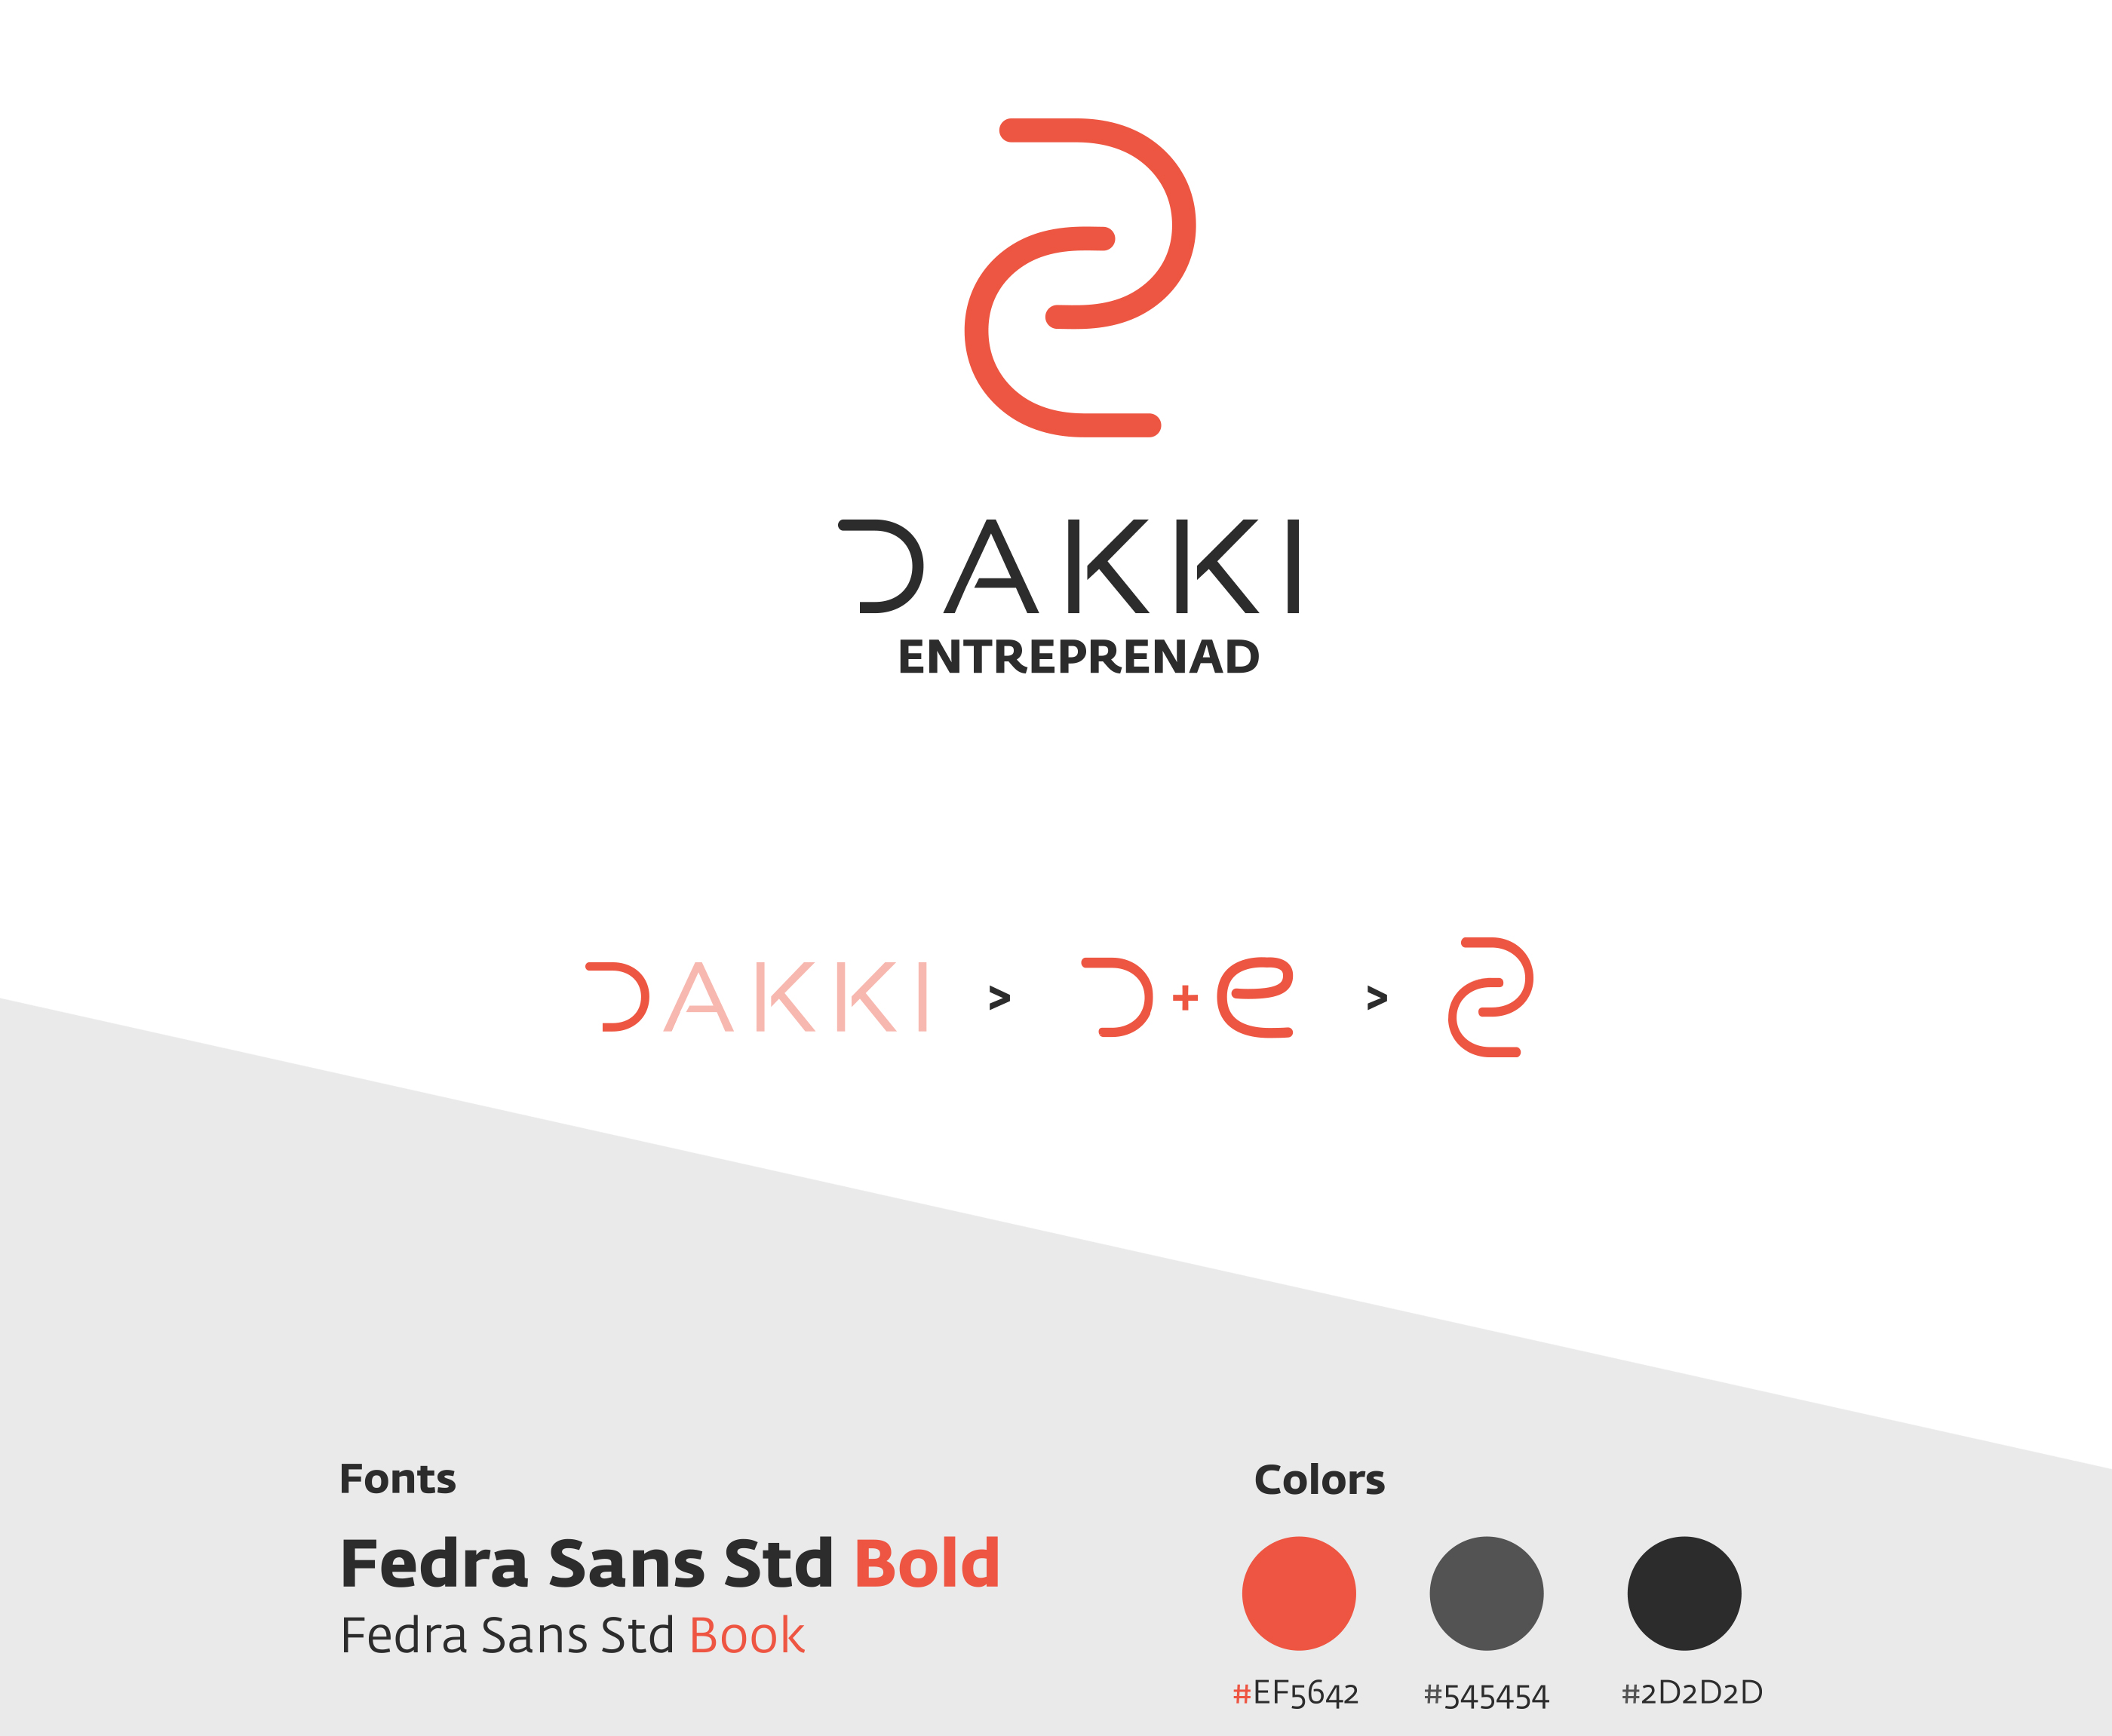 dakki-first